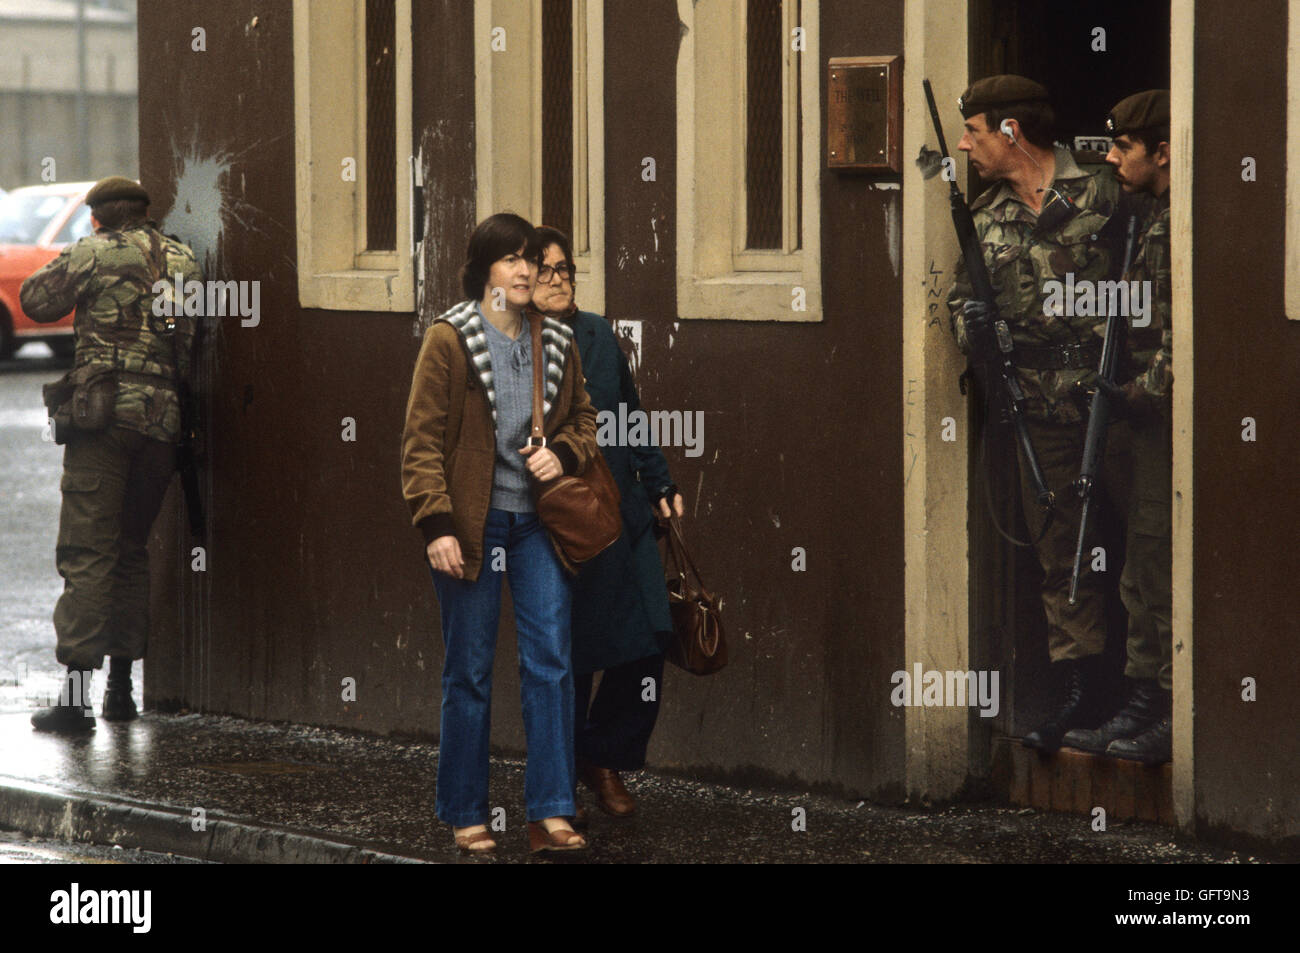 Guai Belfast Irlanda del Nord degli anni ottanta. Soldati britannici di pattuglia 80s HOMER SYKES Immagini Stock